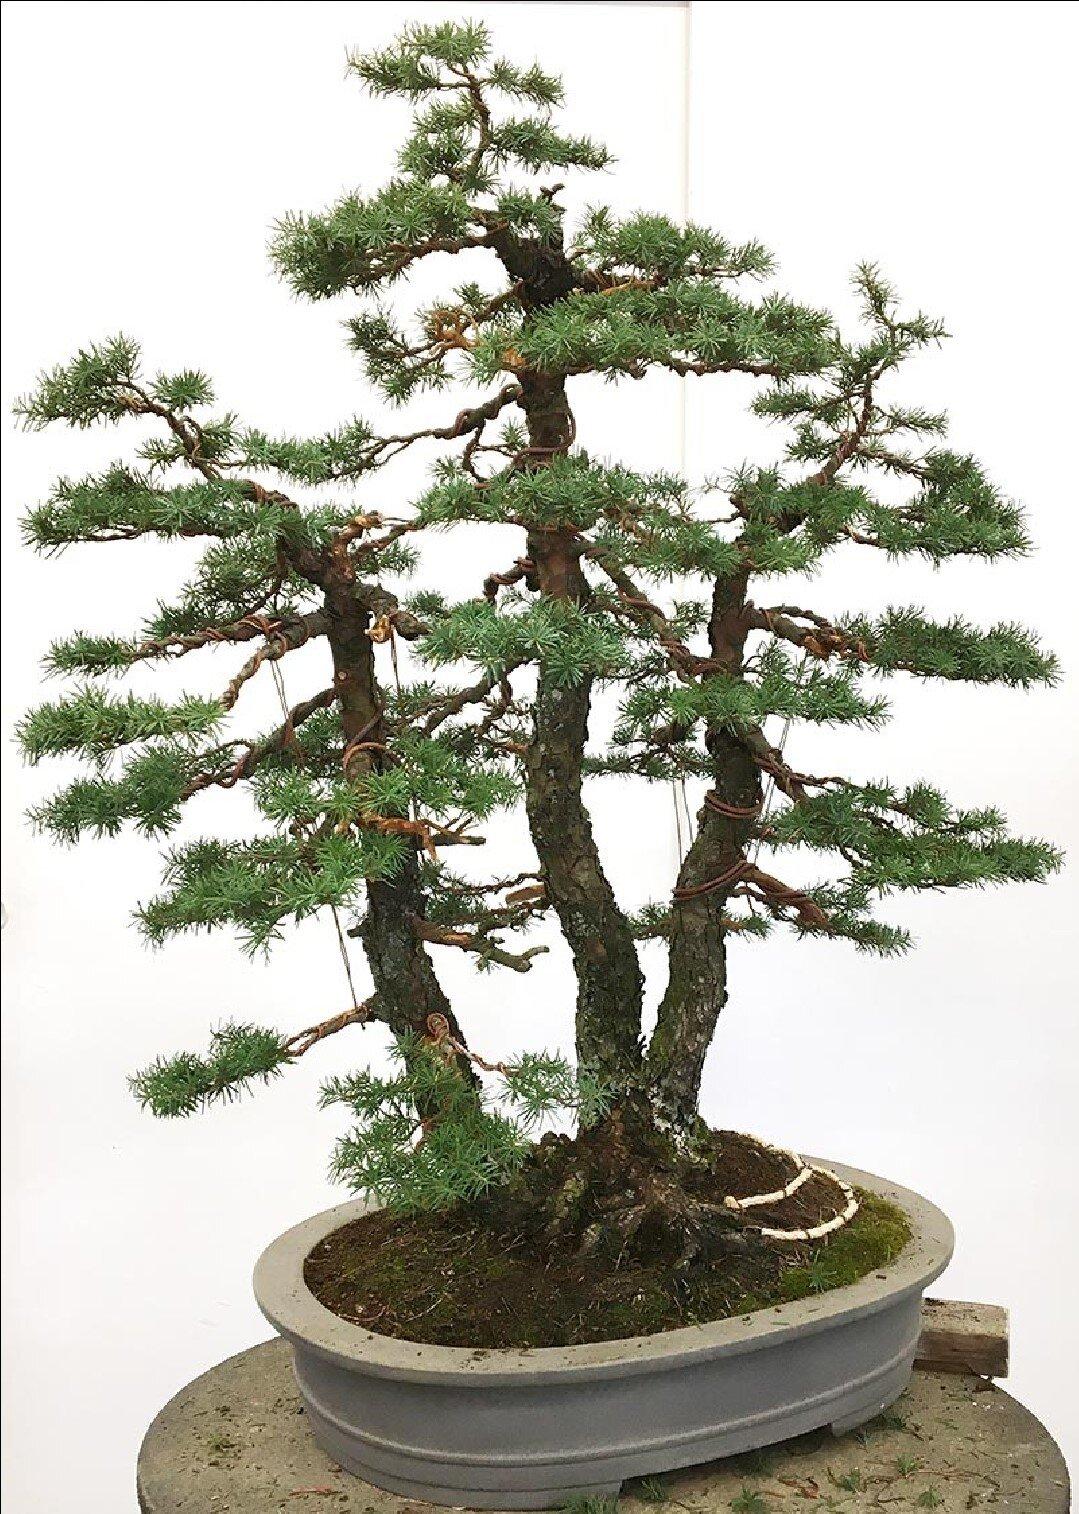 Douglas Fir Bonsai : douglas, bonsai, Bonsai, Society, Portland, Scott's, Branch